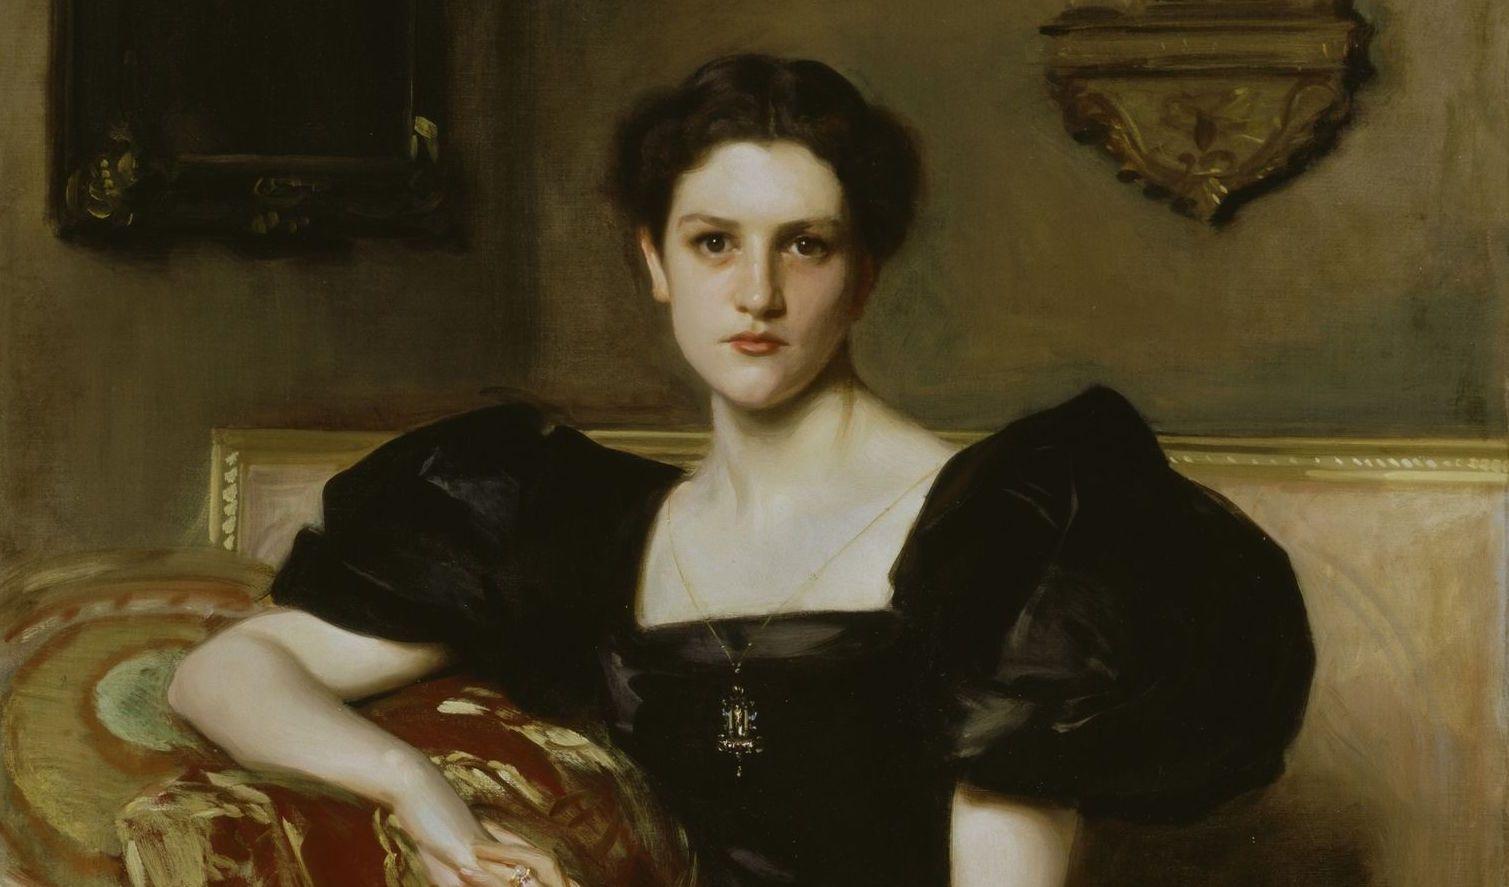 Elizabeth Chanler portrait by John Singer Sargent